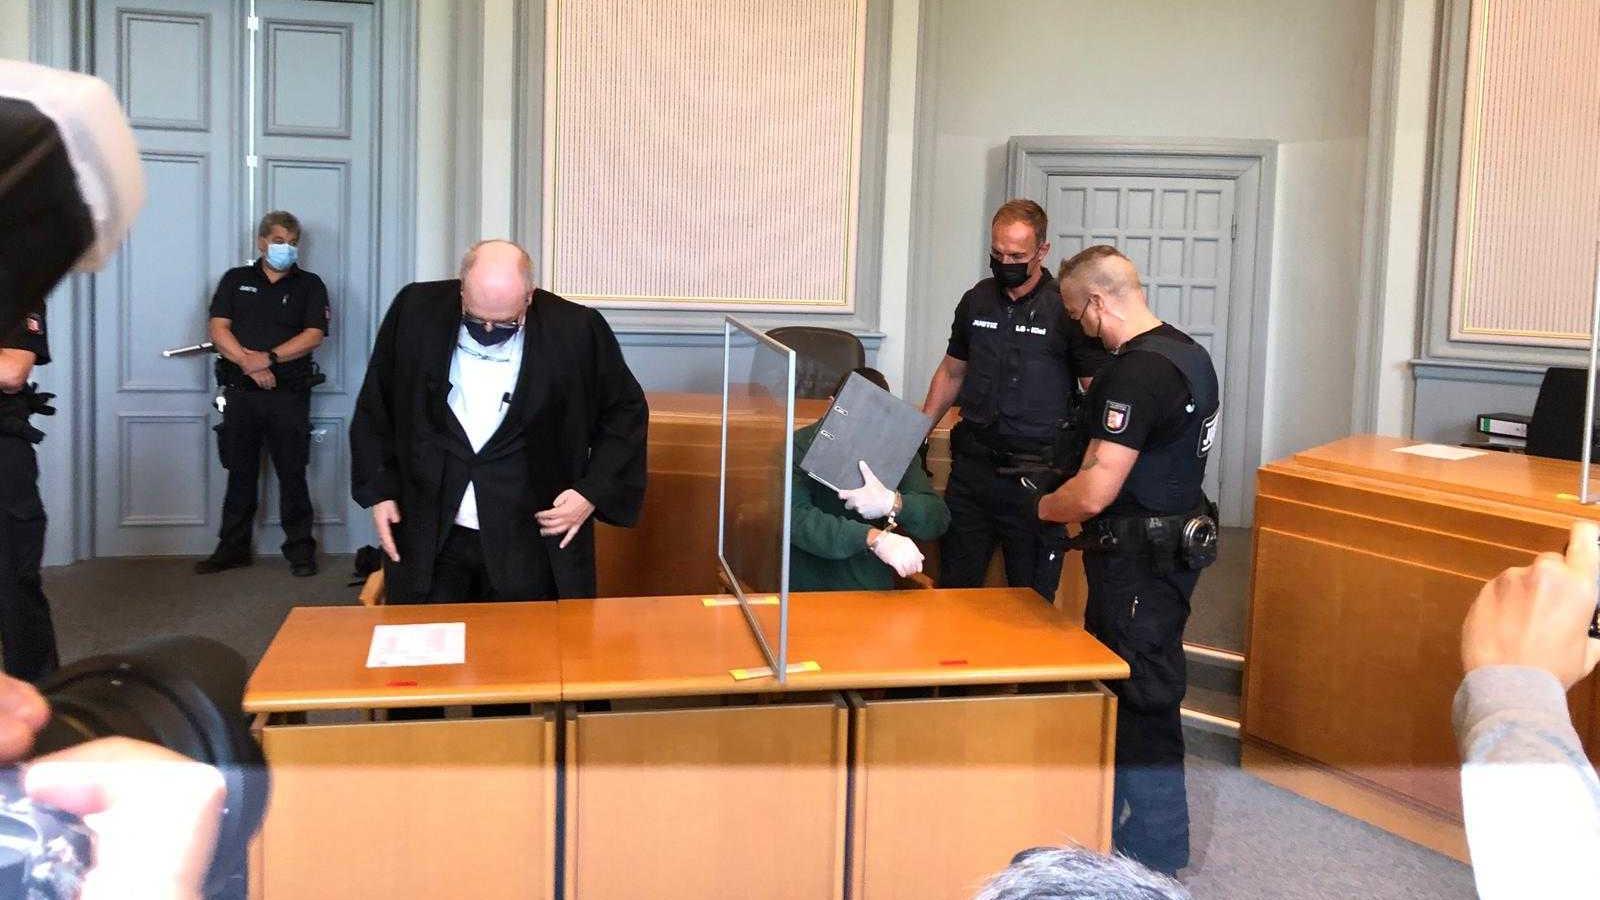 Timo M. soll zwei Frauen umgebracht haben.